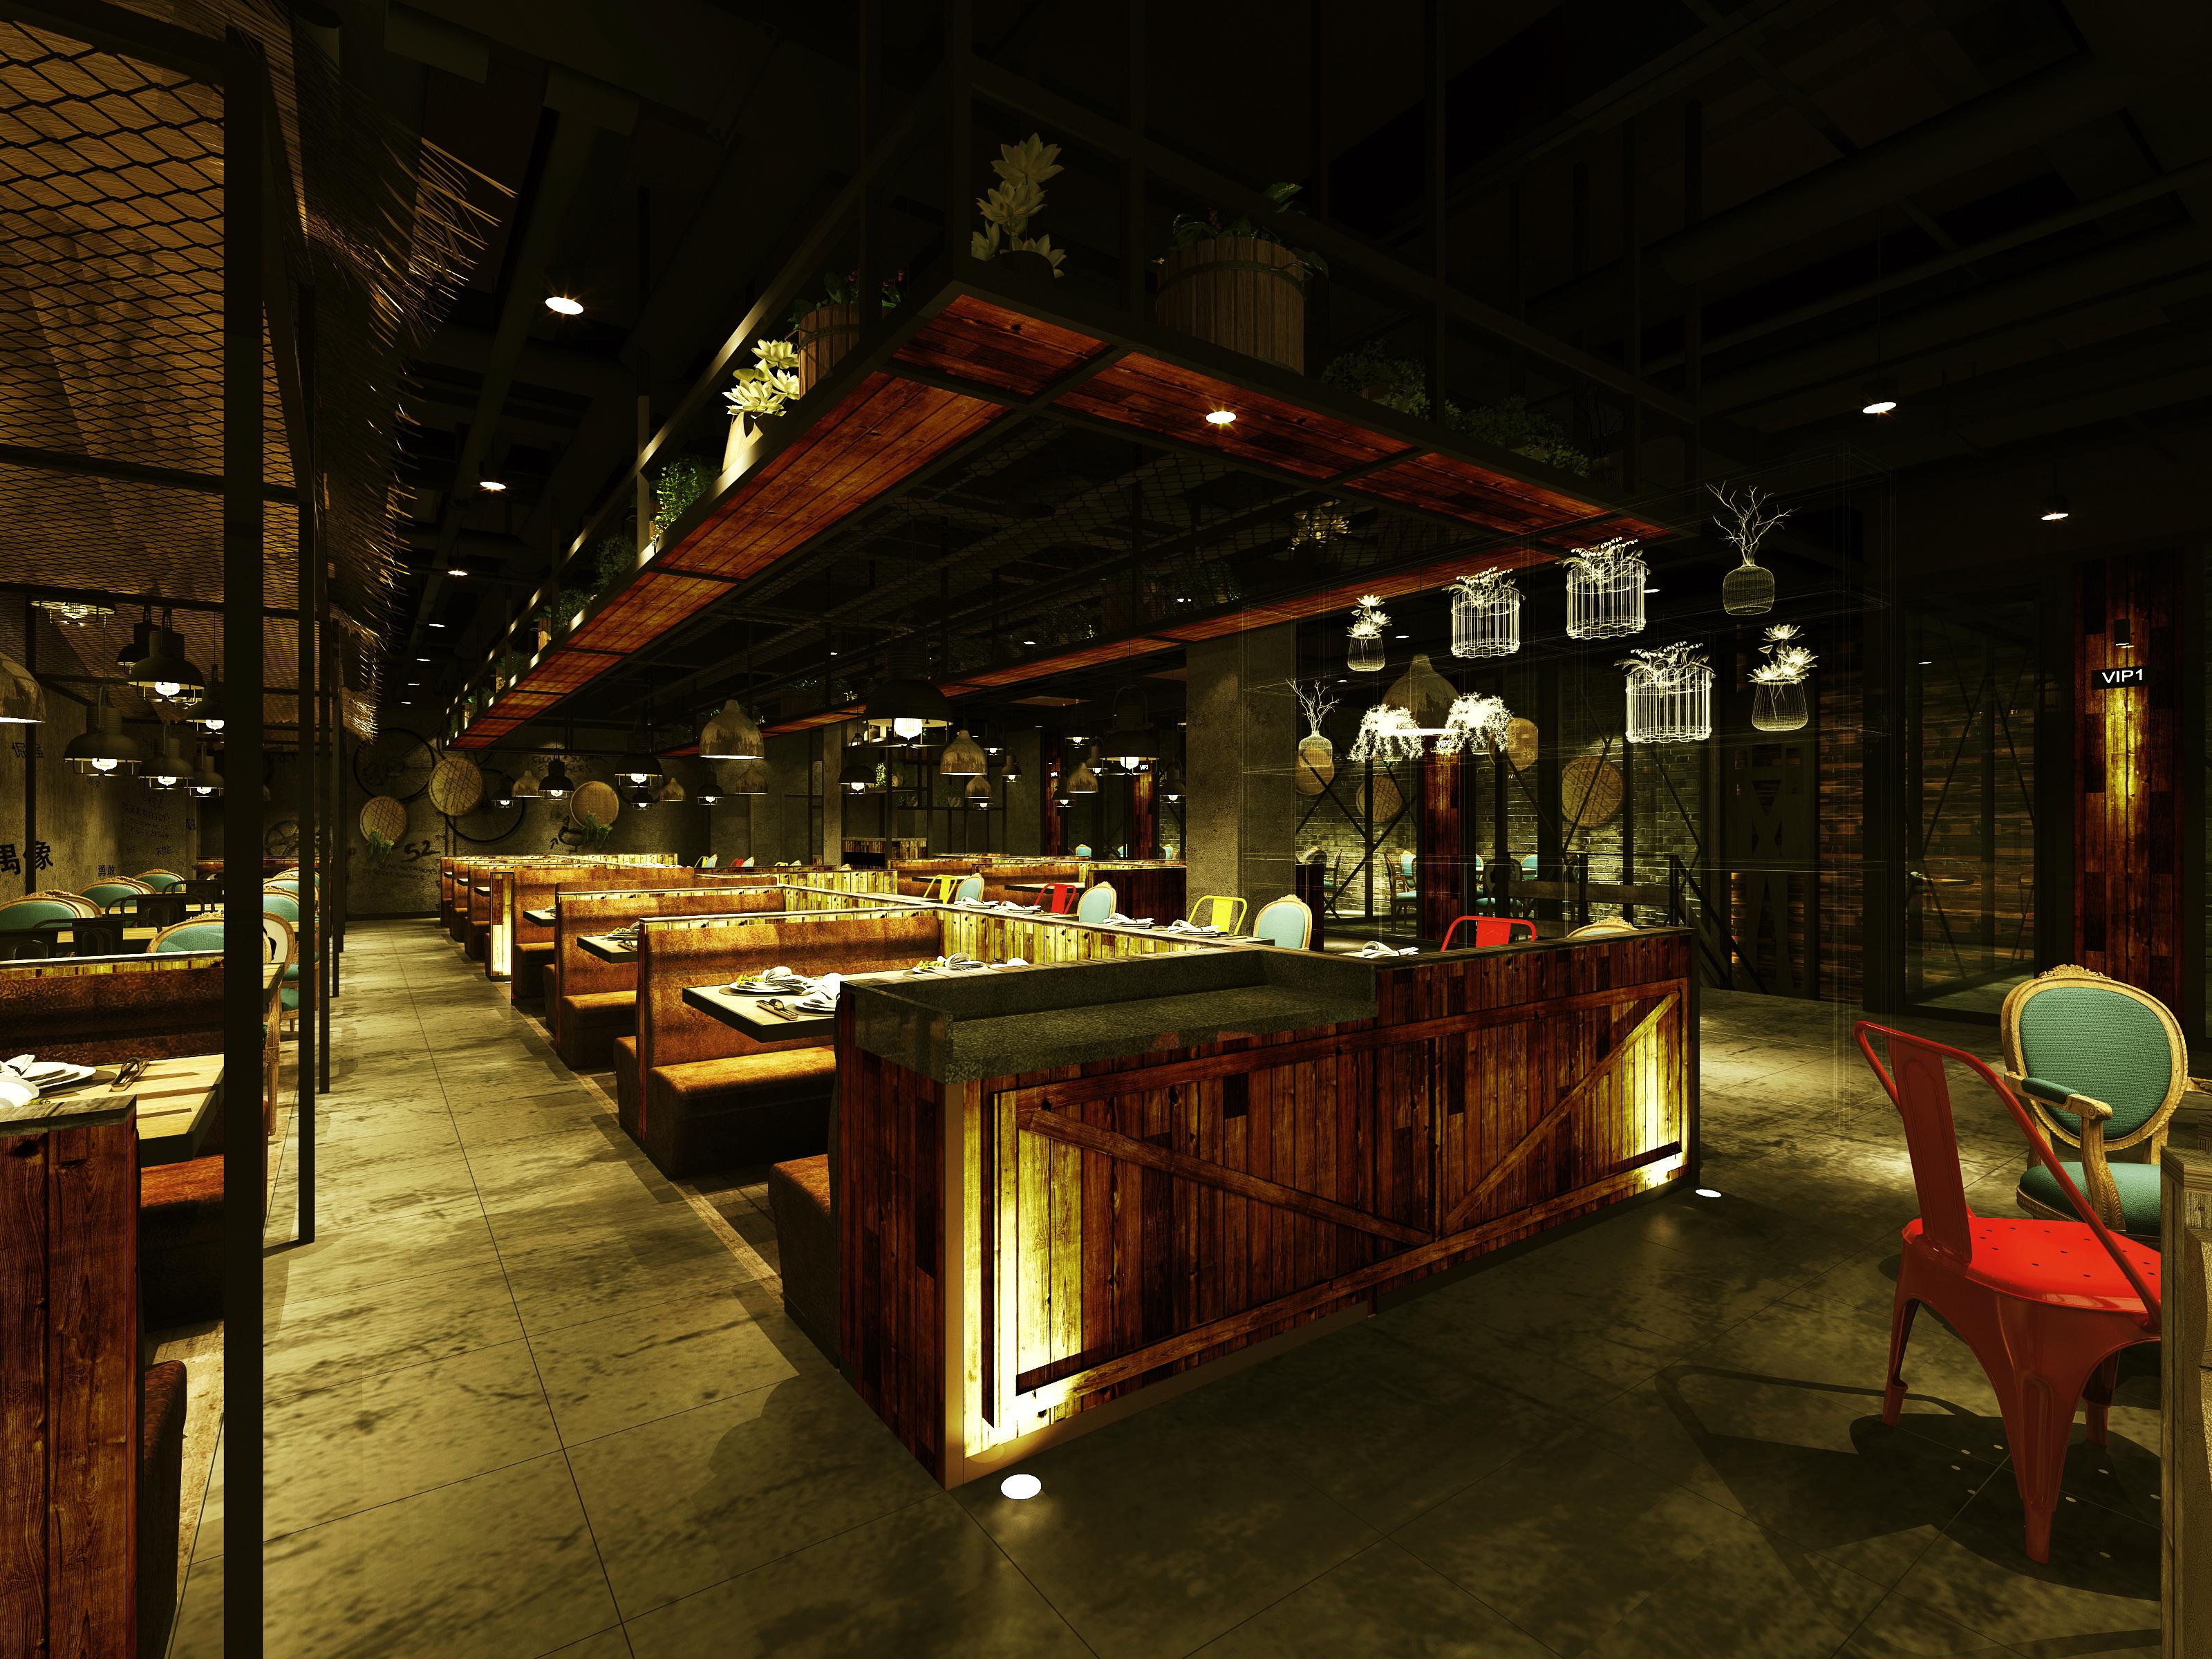 西瑞尔代表作品——鄉恋食尚餐饮空间